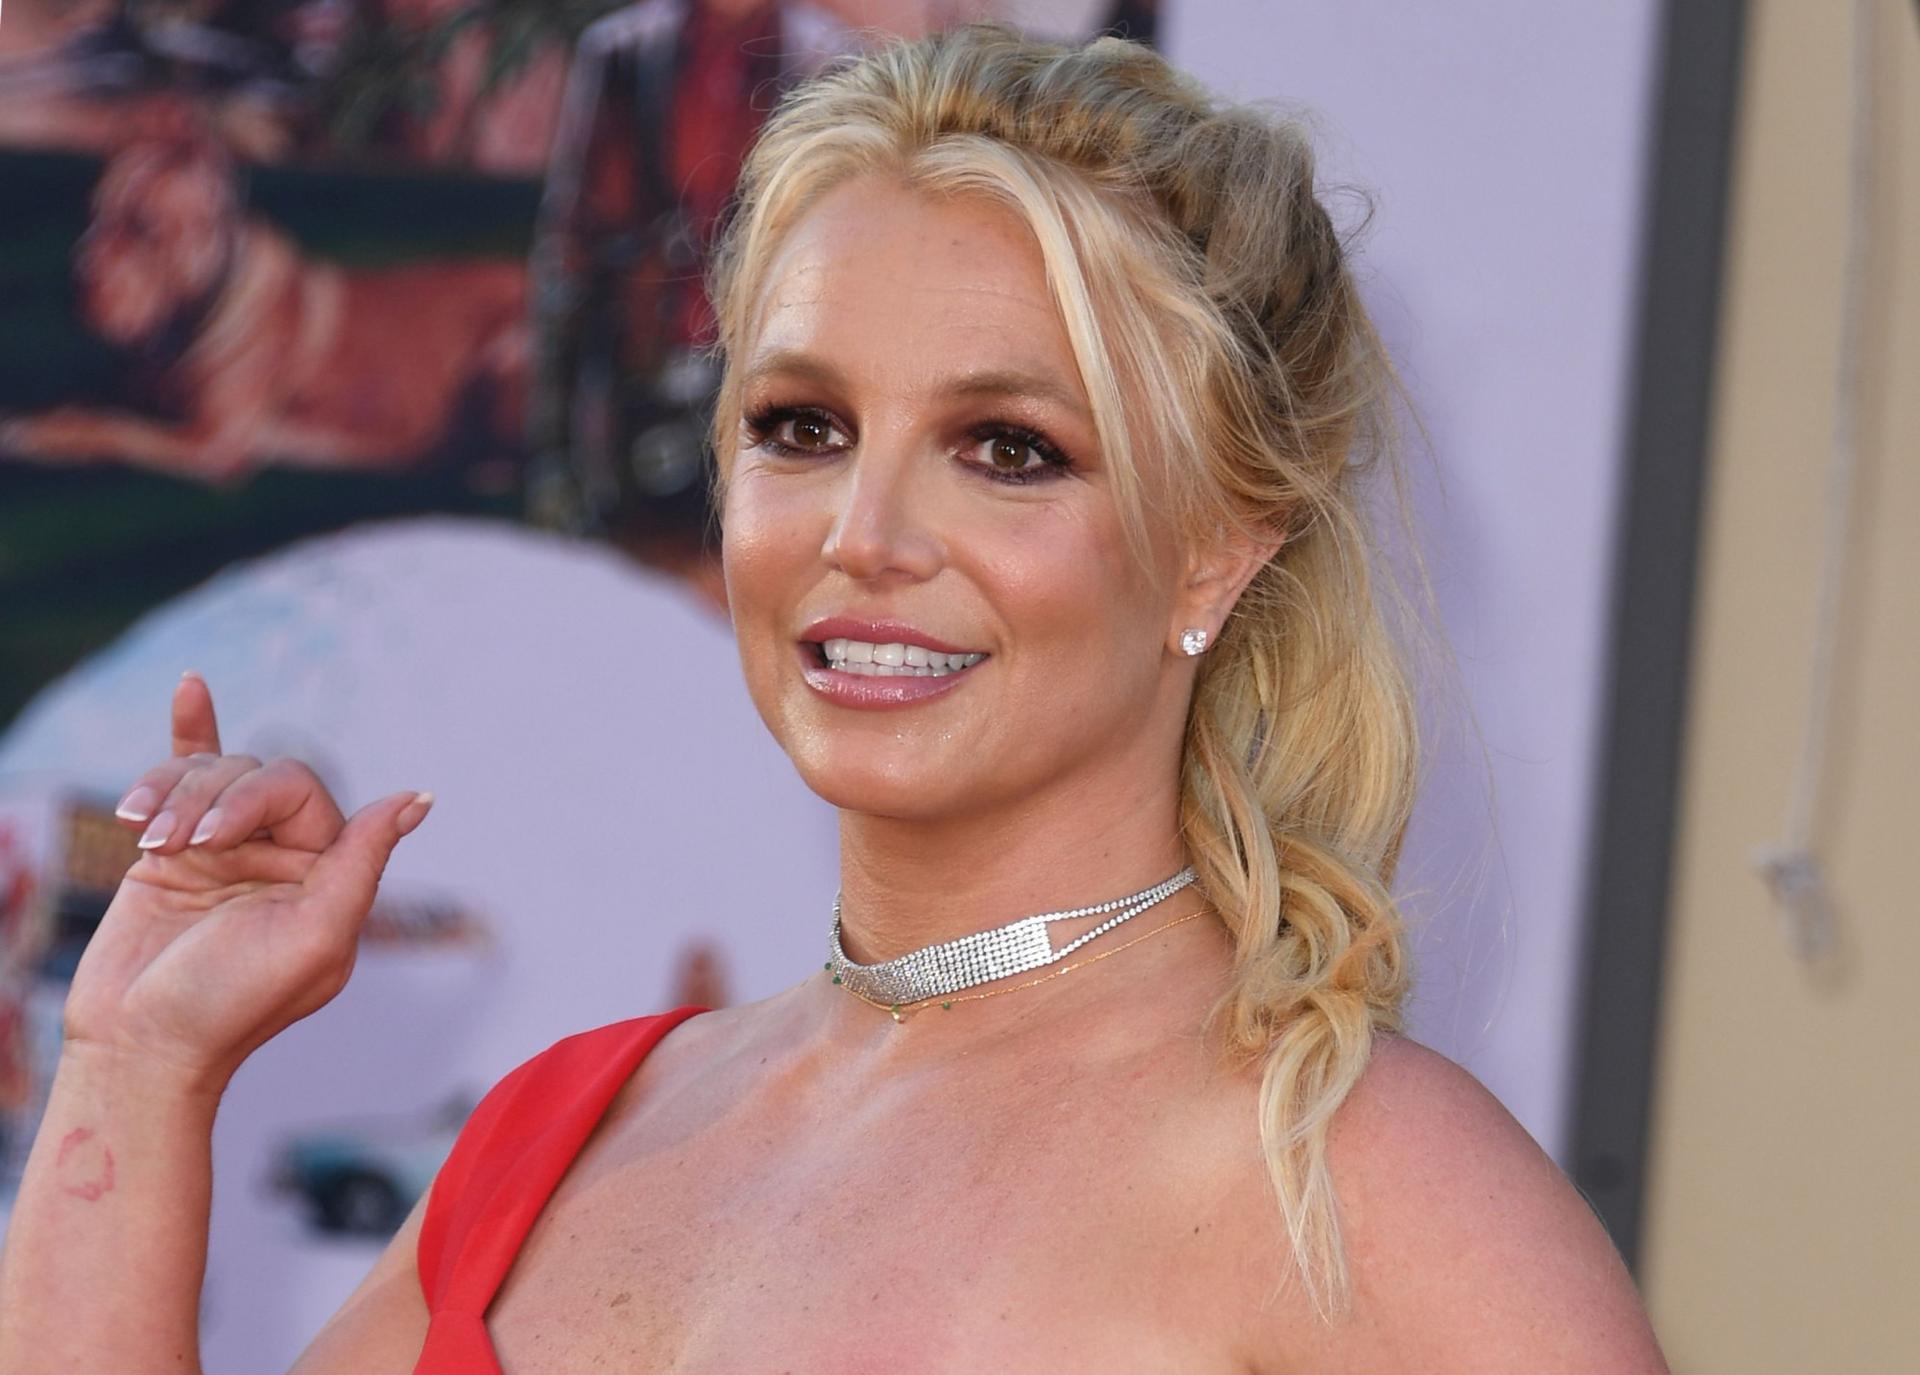 Britney Spears świętuje urodziny z ukochanym. Fani zaniepokojeni TYM zdjęciem - ESKA.pl